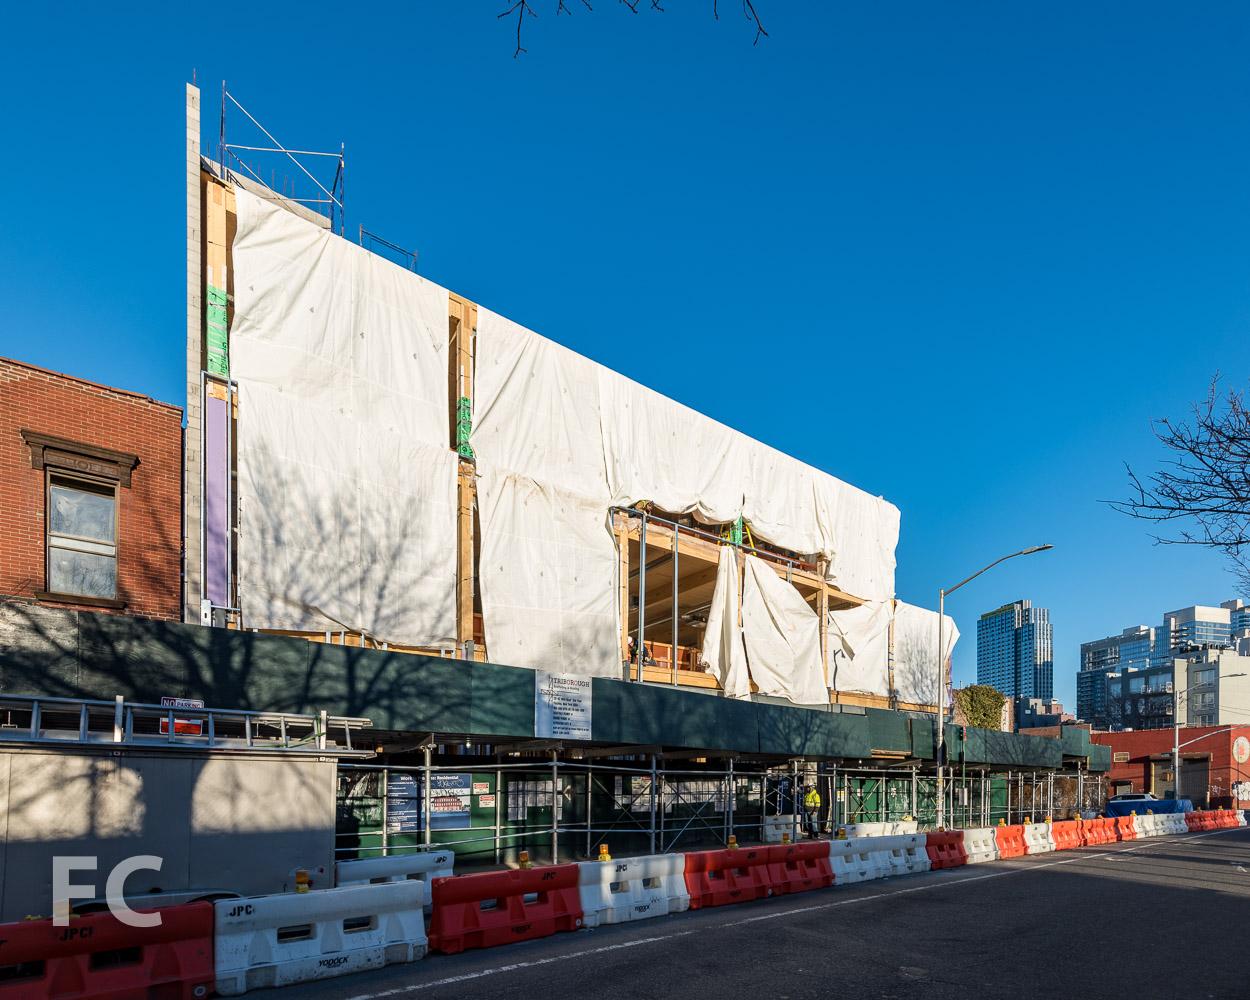 East facade of 320 Wythe.